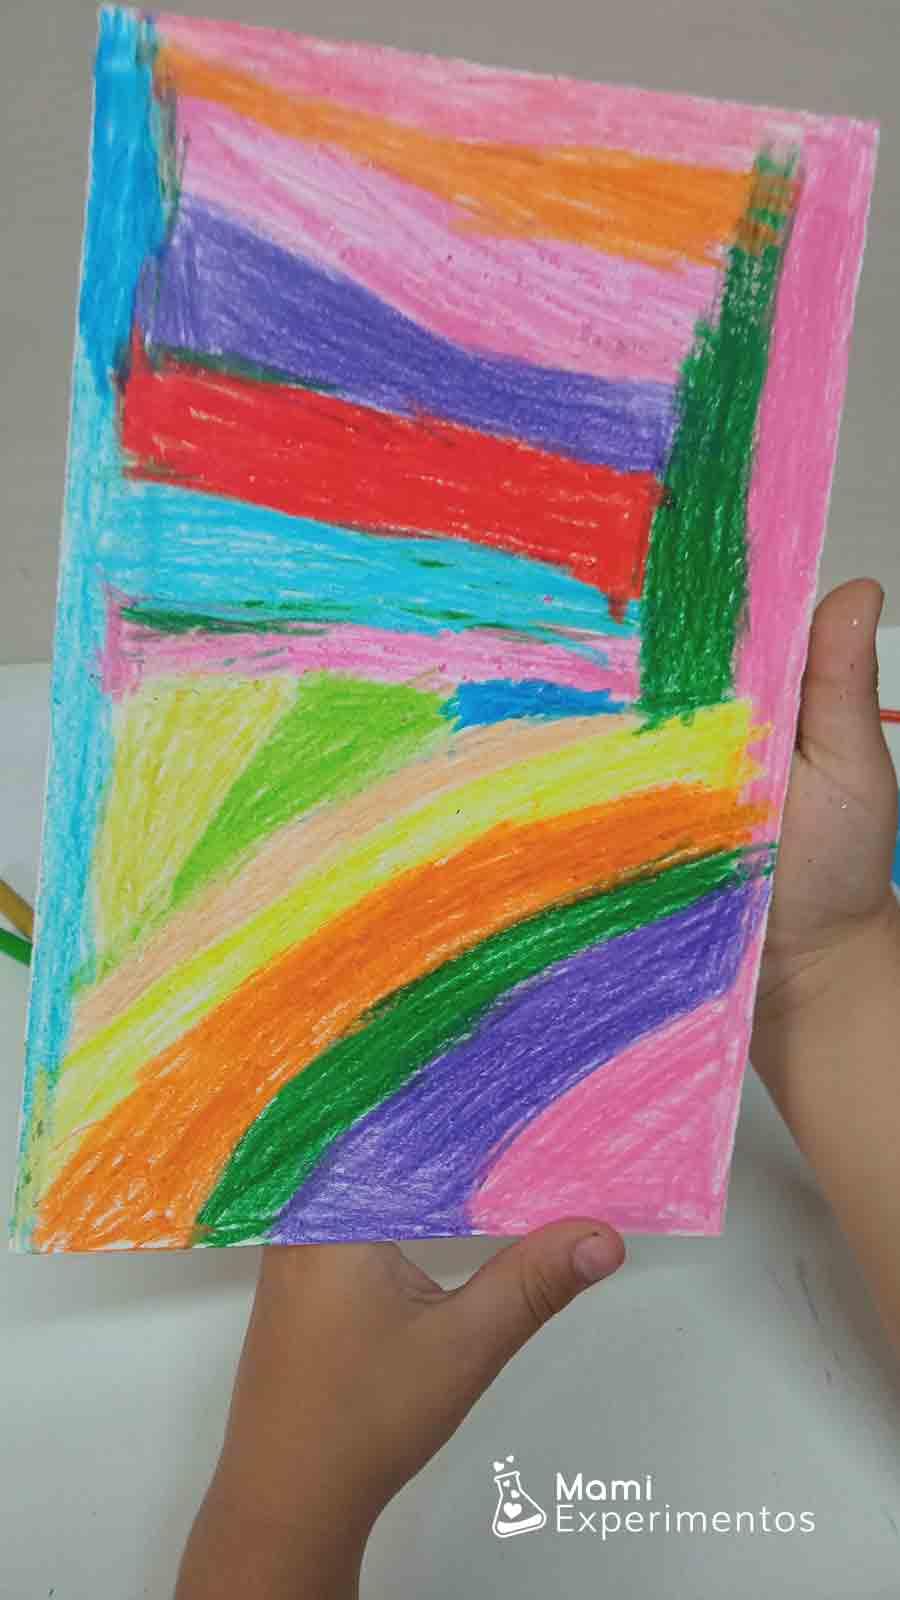 Cartulina blanca decorada con ceras de colores creación artística en el día de las familias